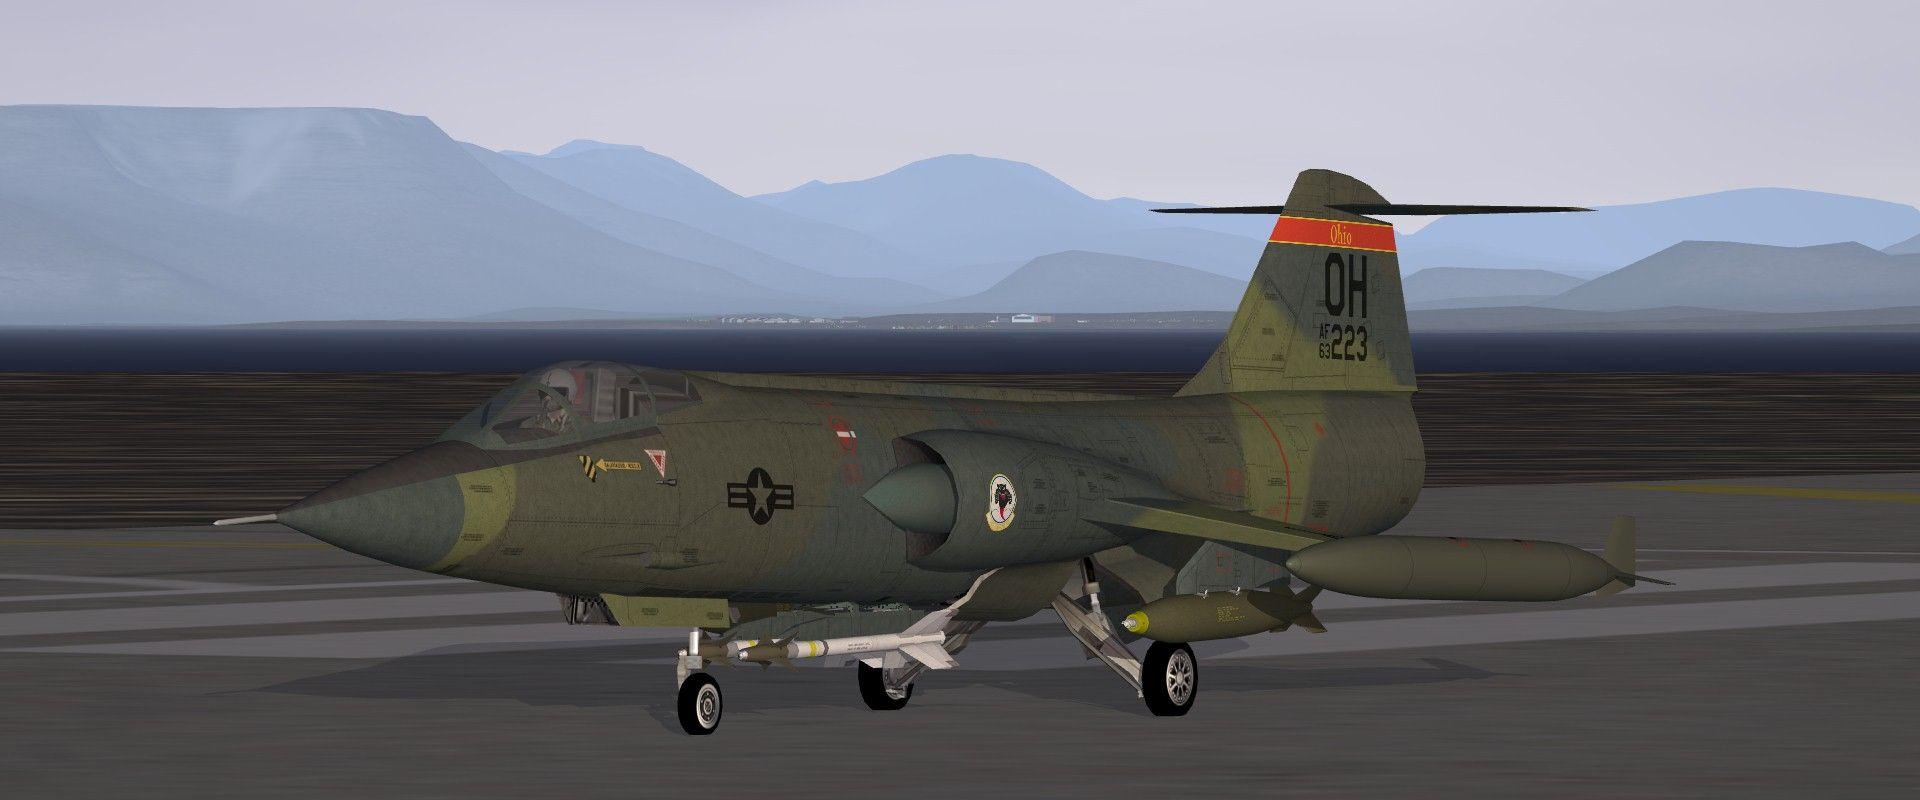 USAFF-104CSTARFIGHTER07.jpg